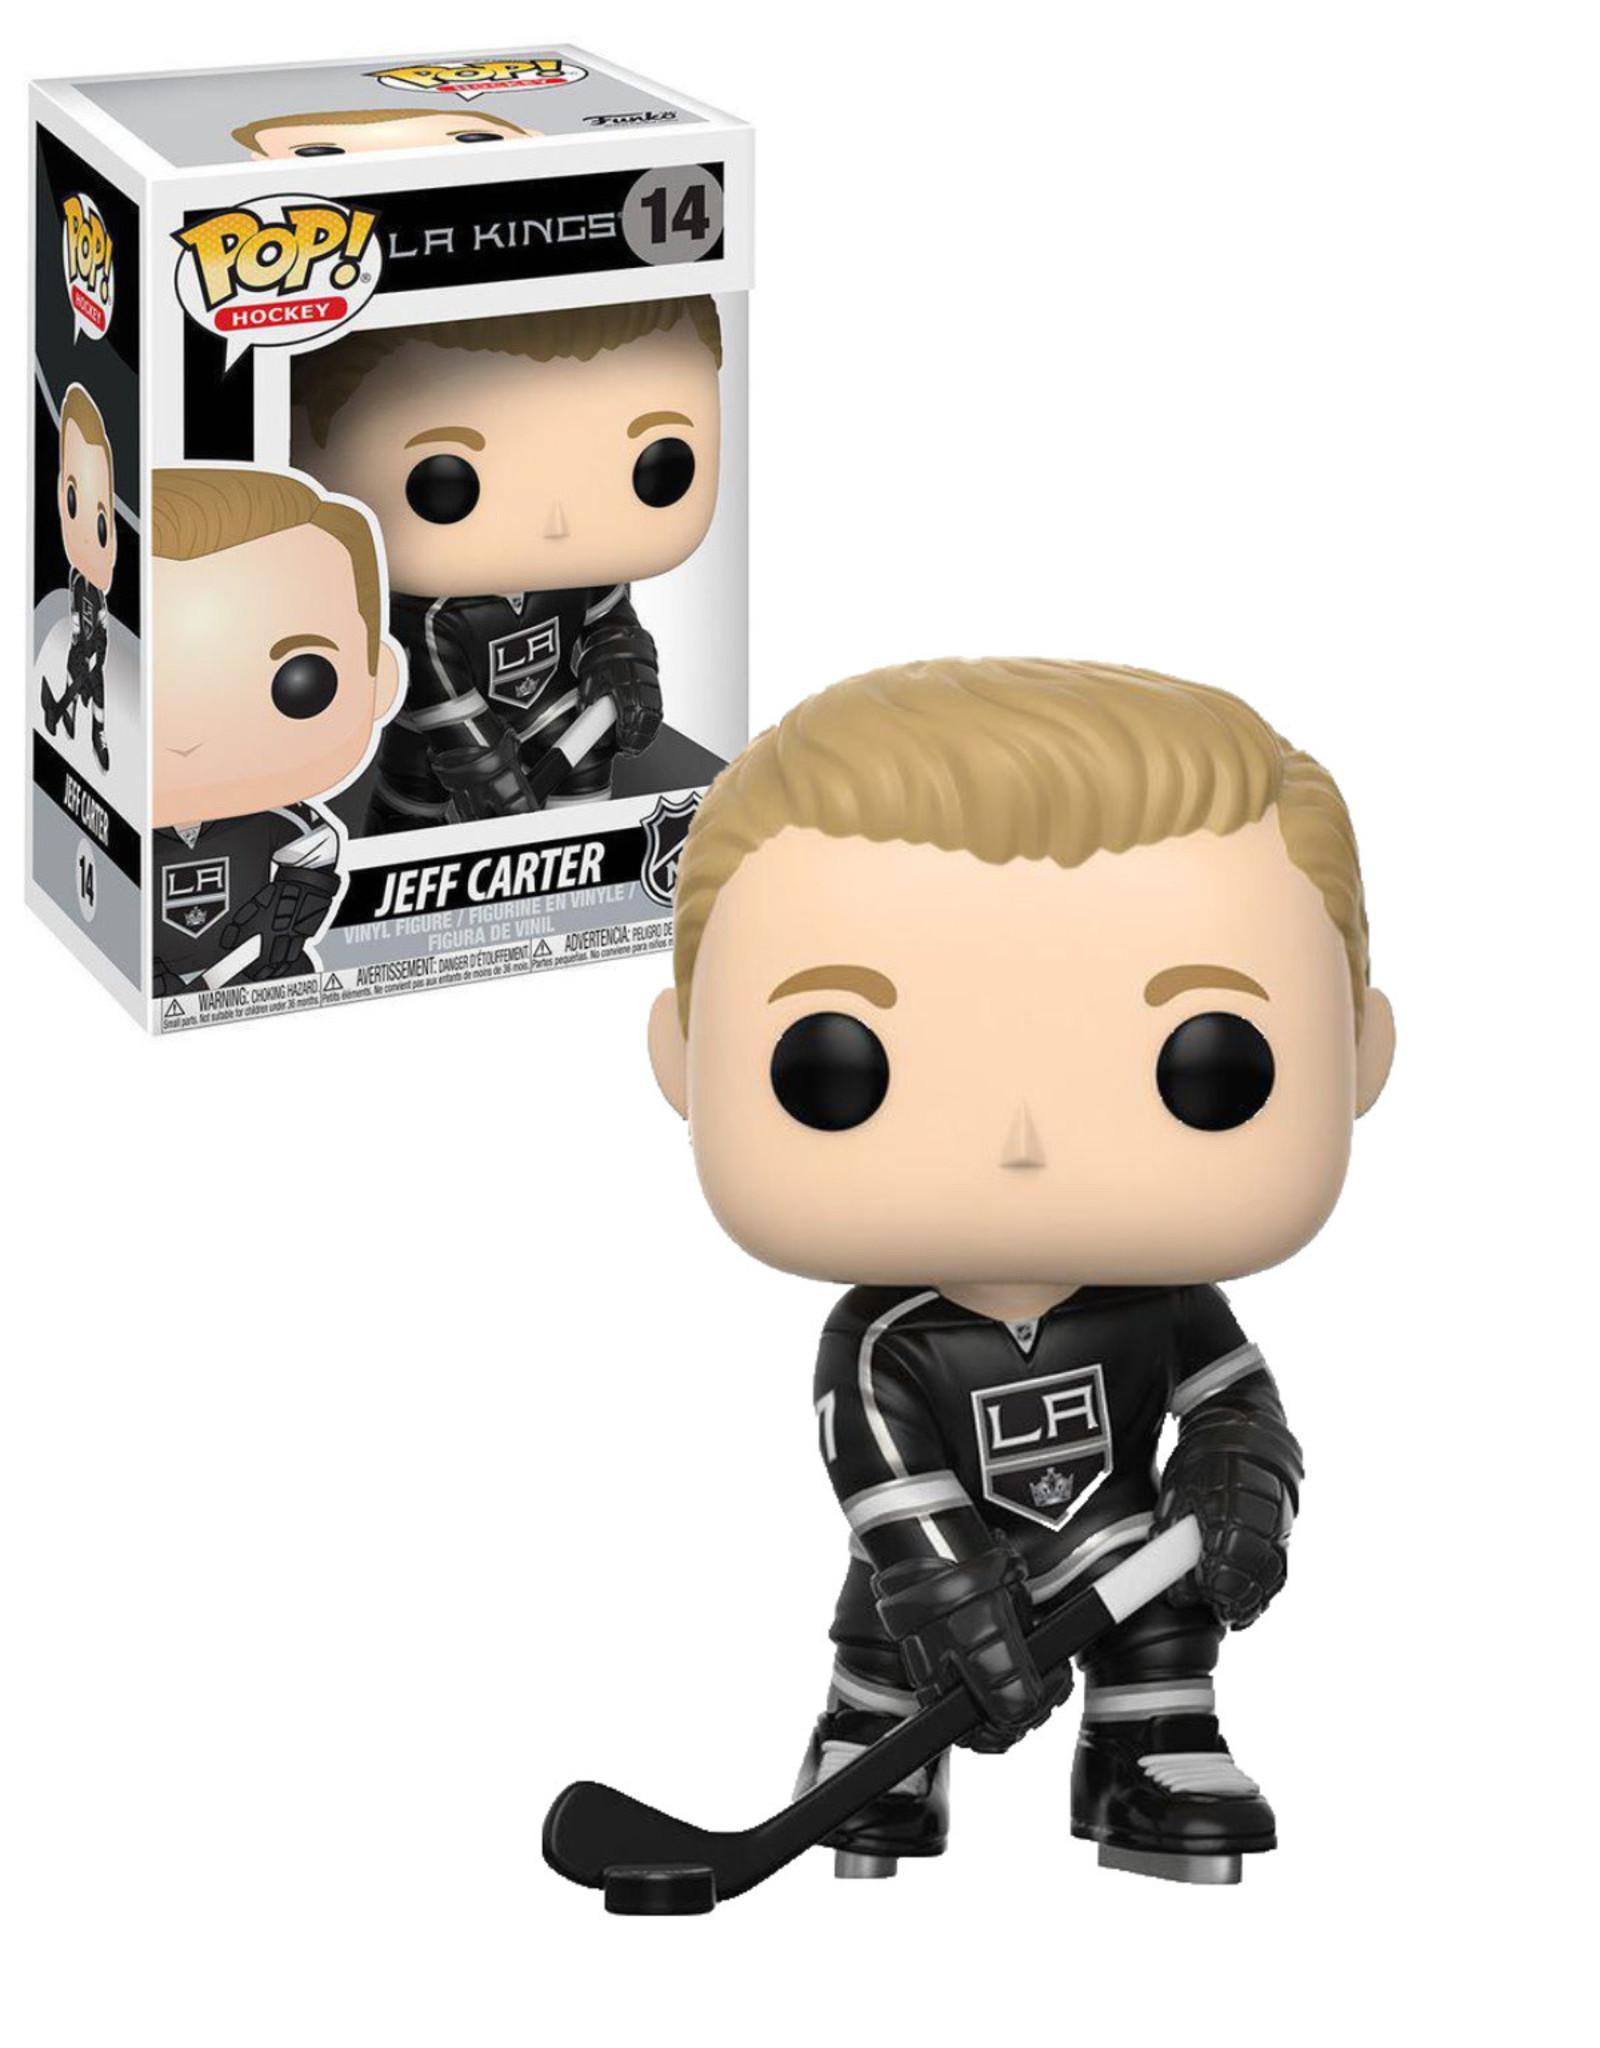 NHL L.A. Kings 14 ( Funko Pop ) Jeff Carter